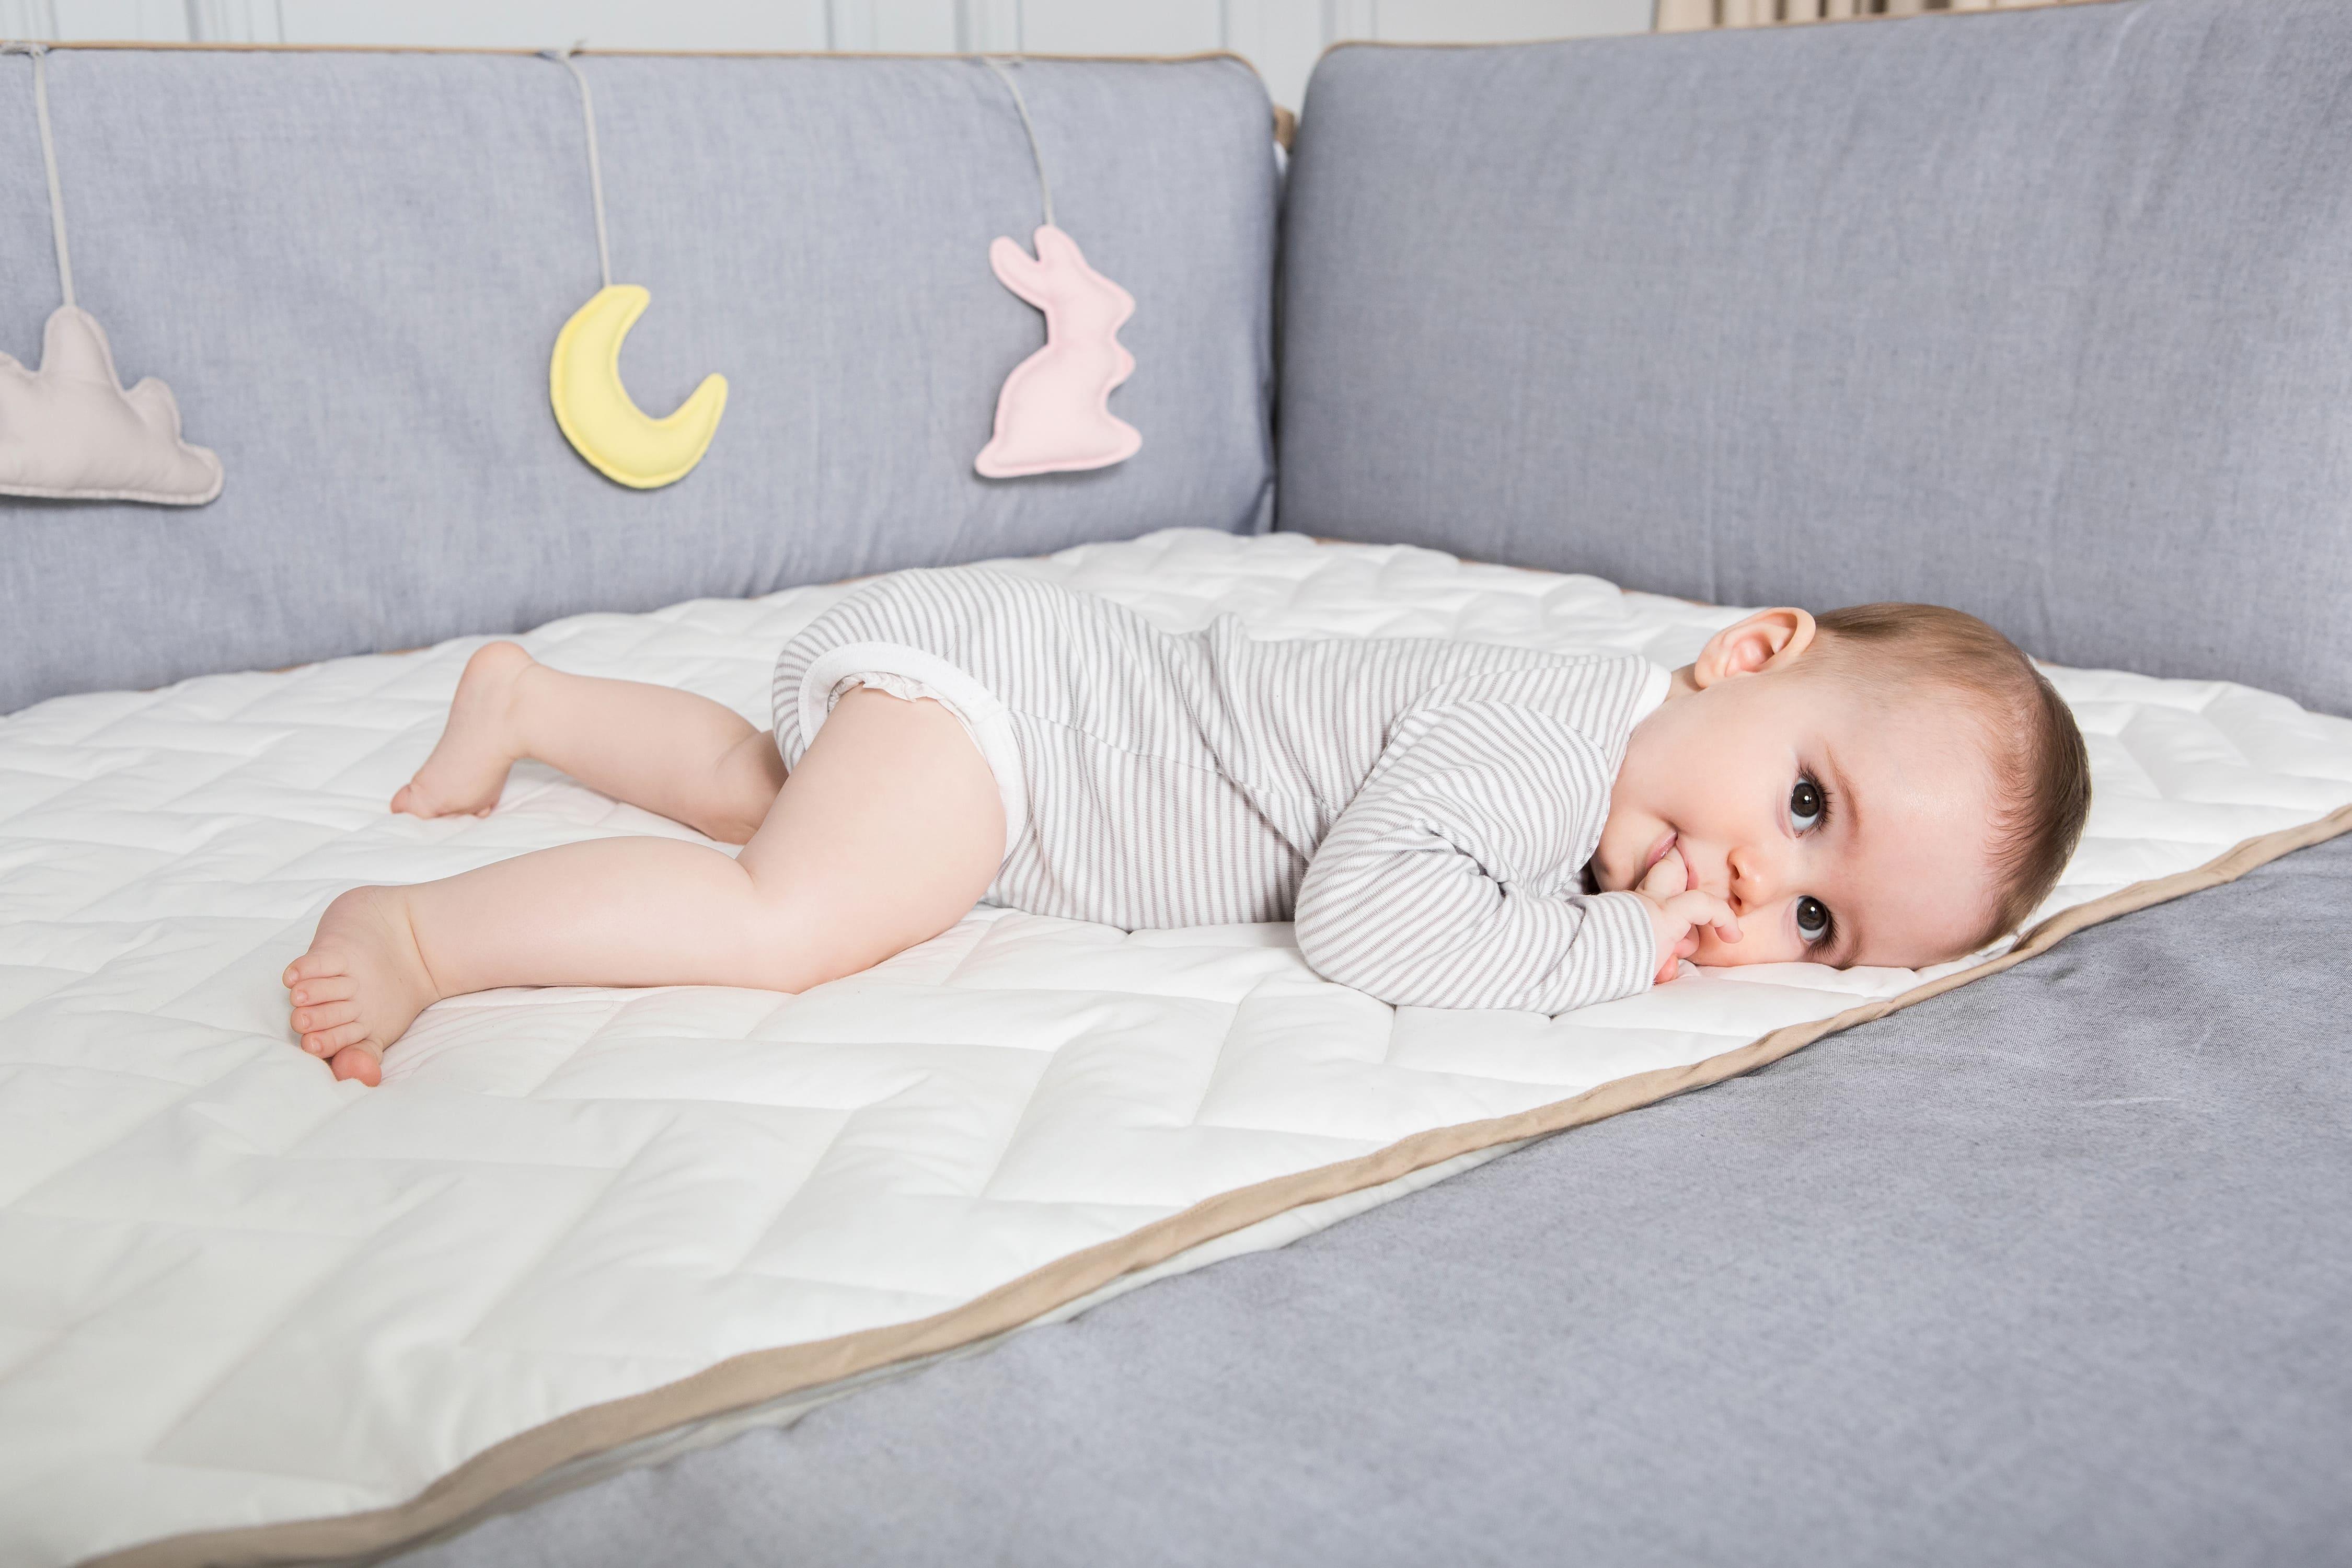 gunite嬰兒床好清洗